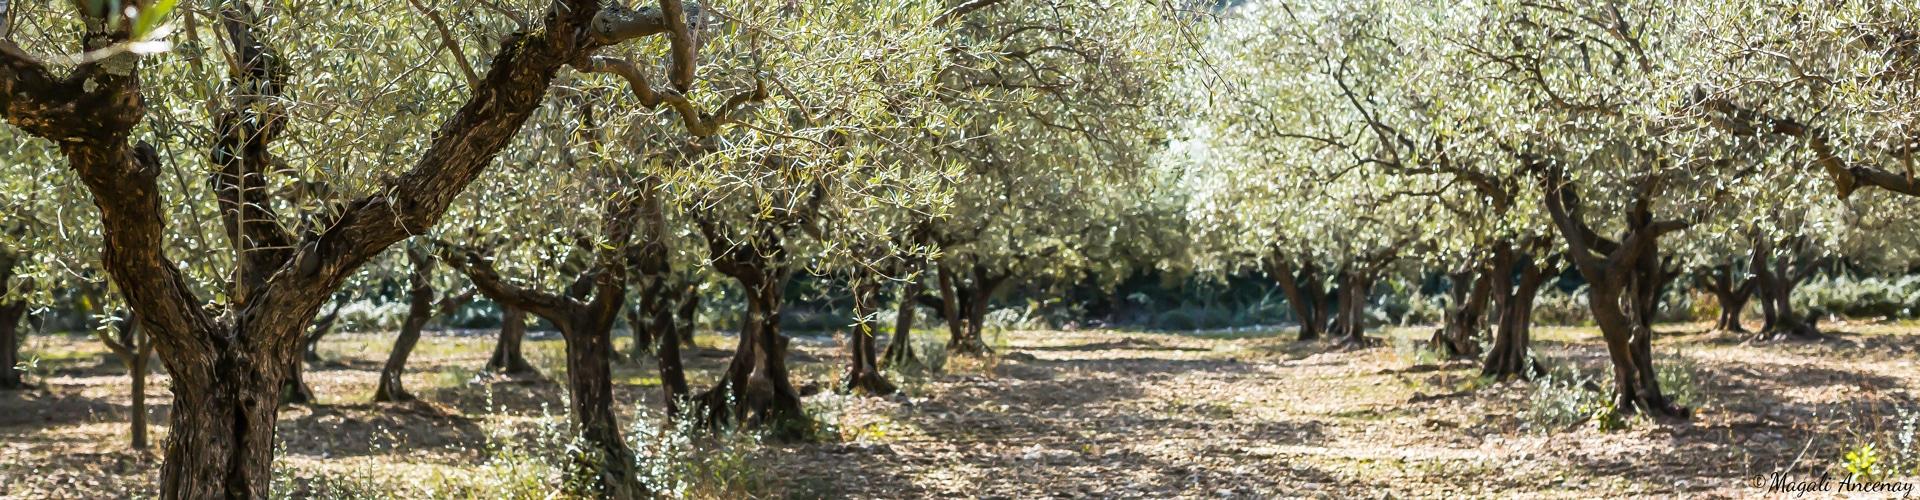 oliveraie-champ-olivier-france-soleil-cigales-provence-huile-olive-2